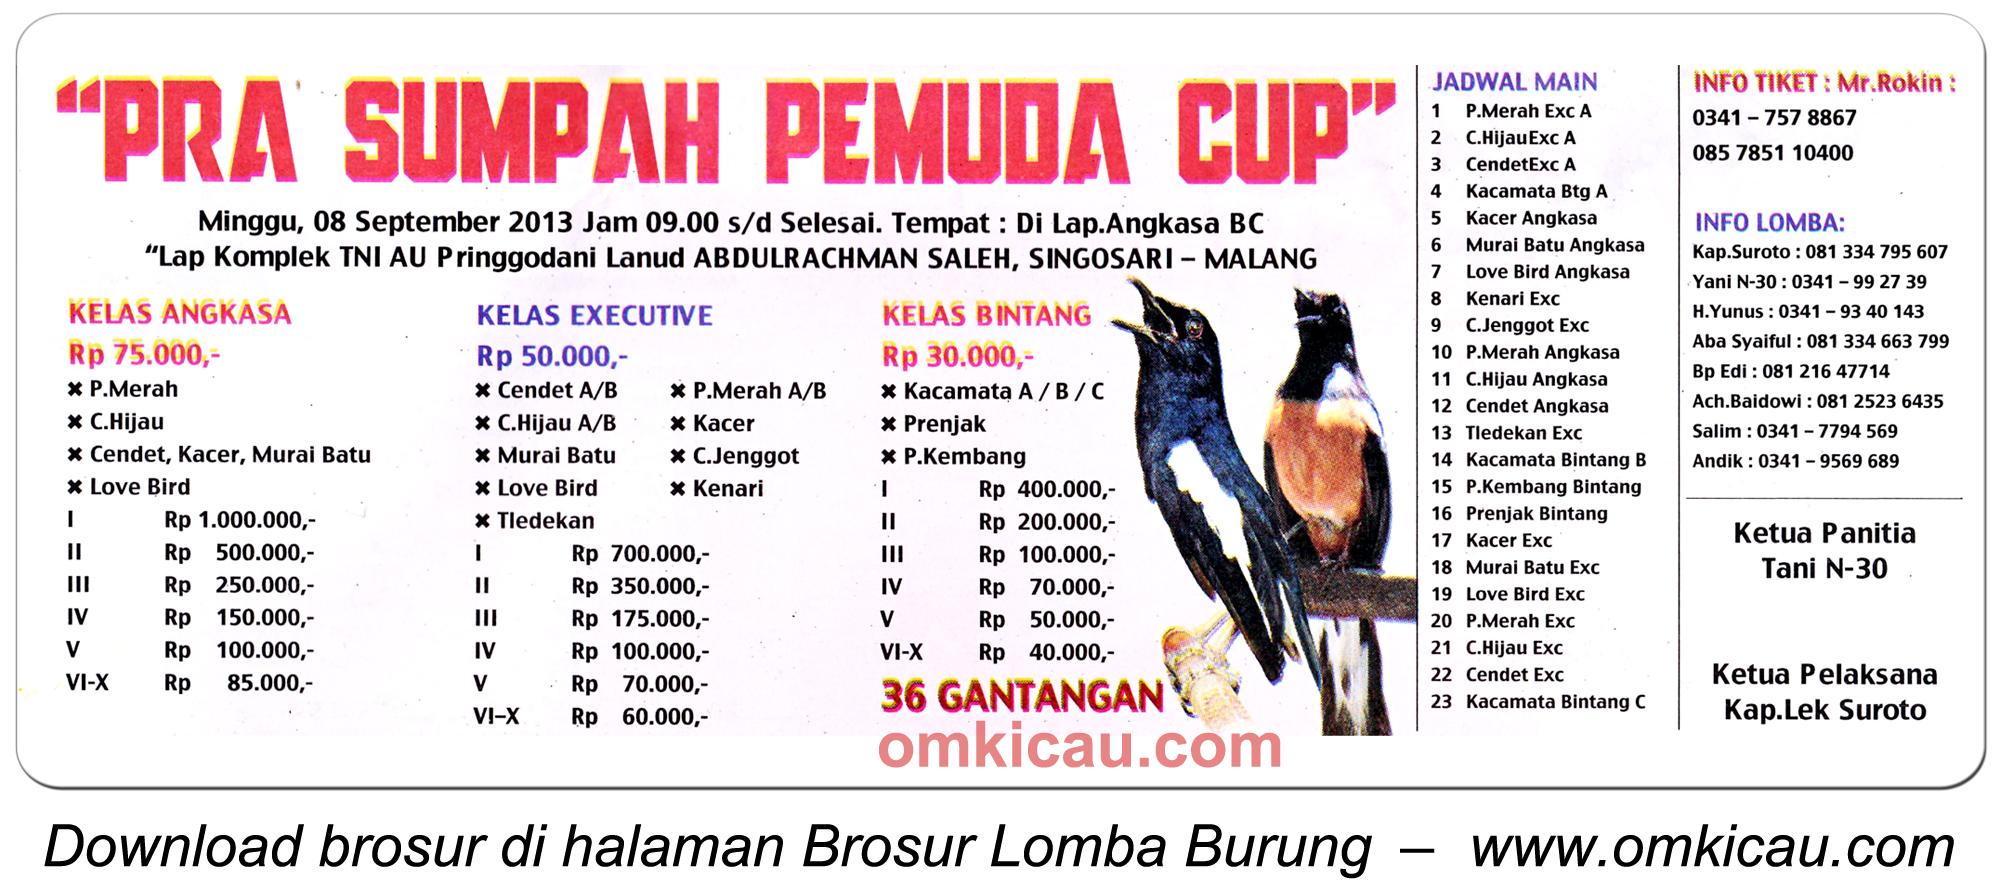 Brosur Lomba Burung Pra Sumpah Pemuda - Malang 8 Sept 2013